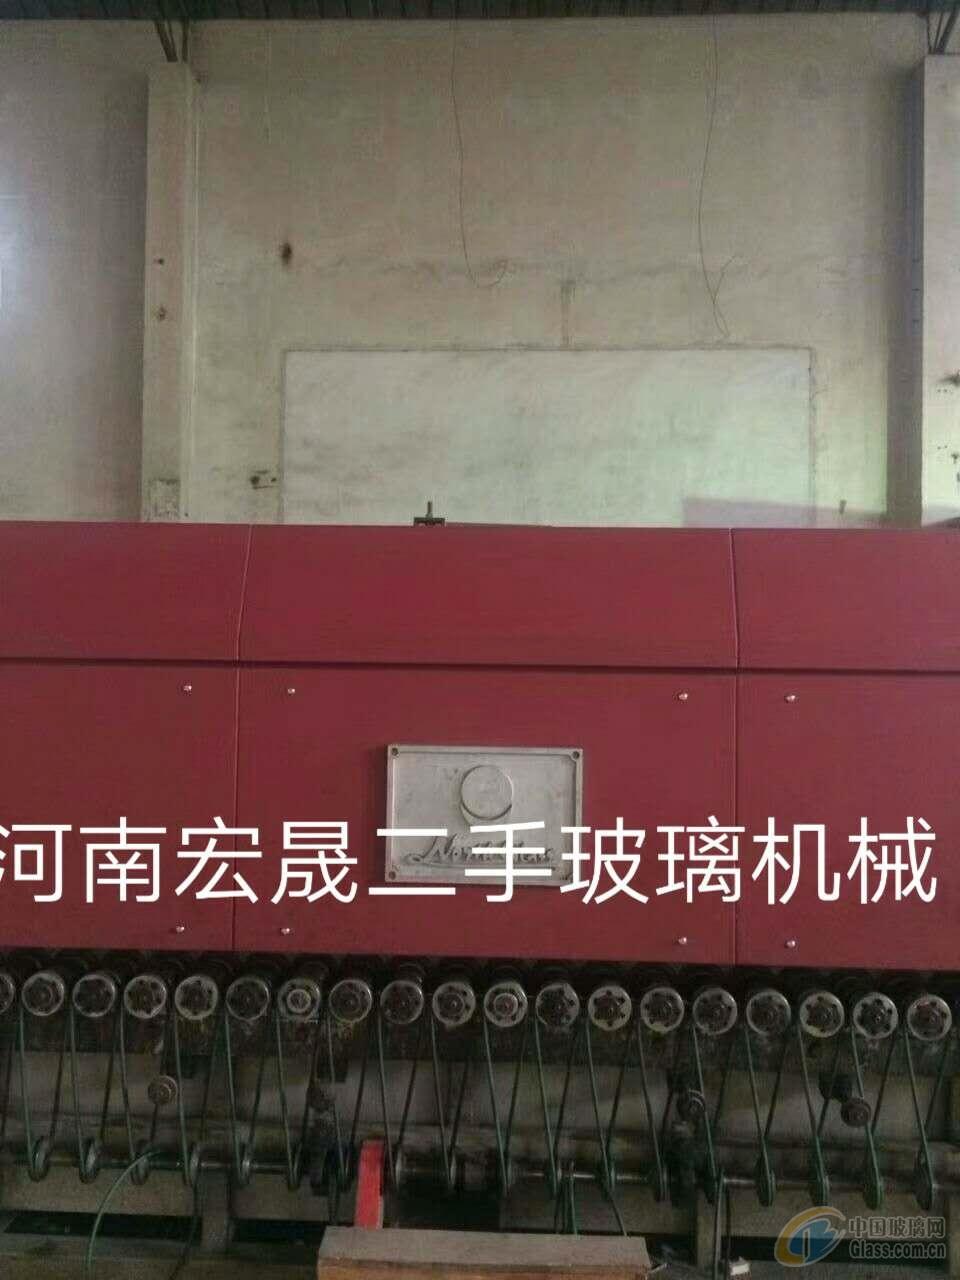 出售水平钢化炉一台